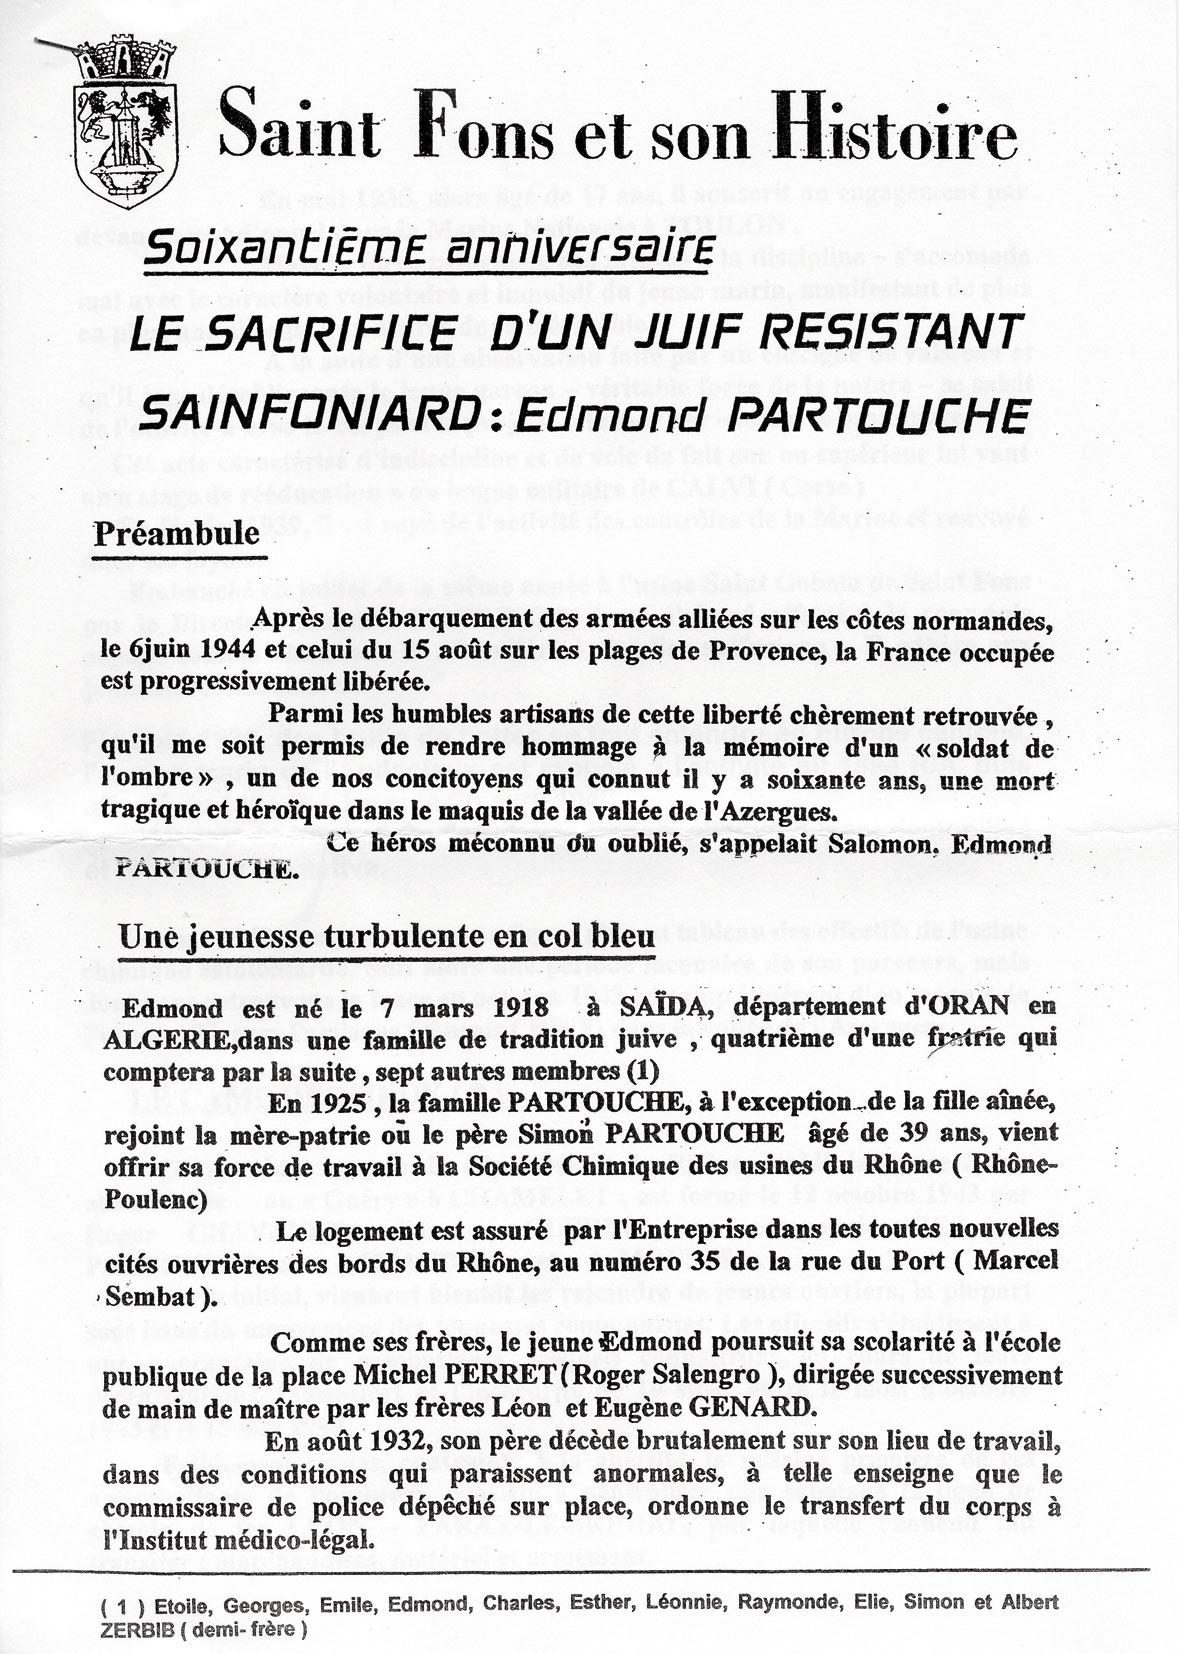 Document officiel de Saint Fons en l'honneur de Edmond, Partouche, Saint-Fons